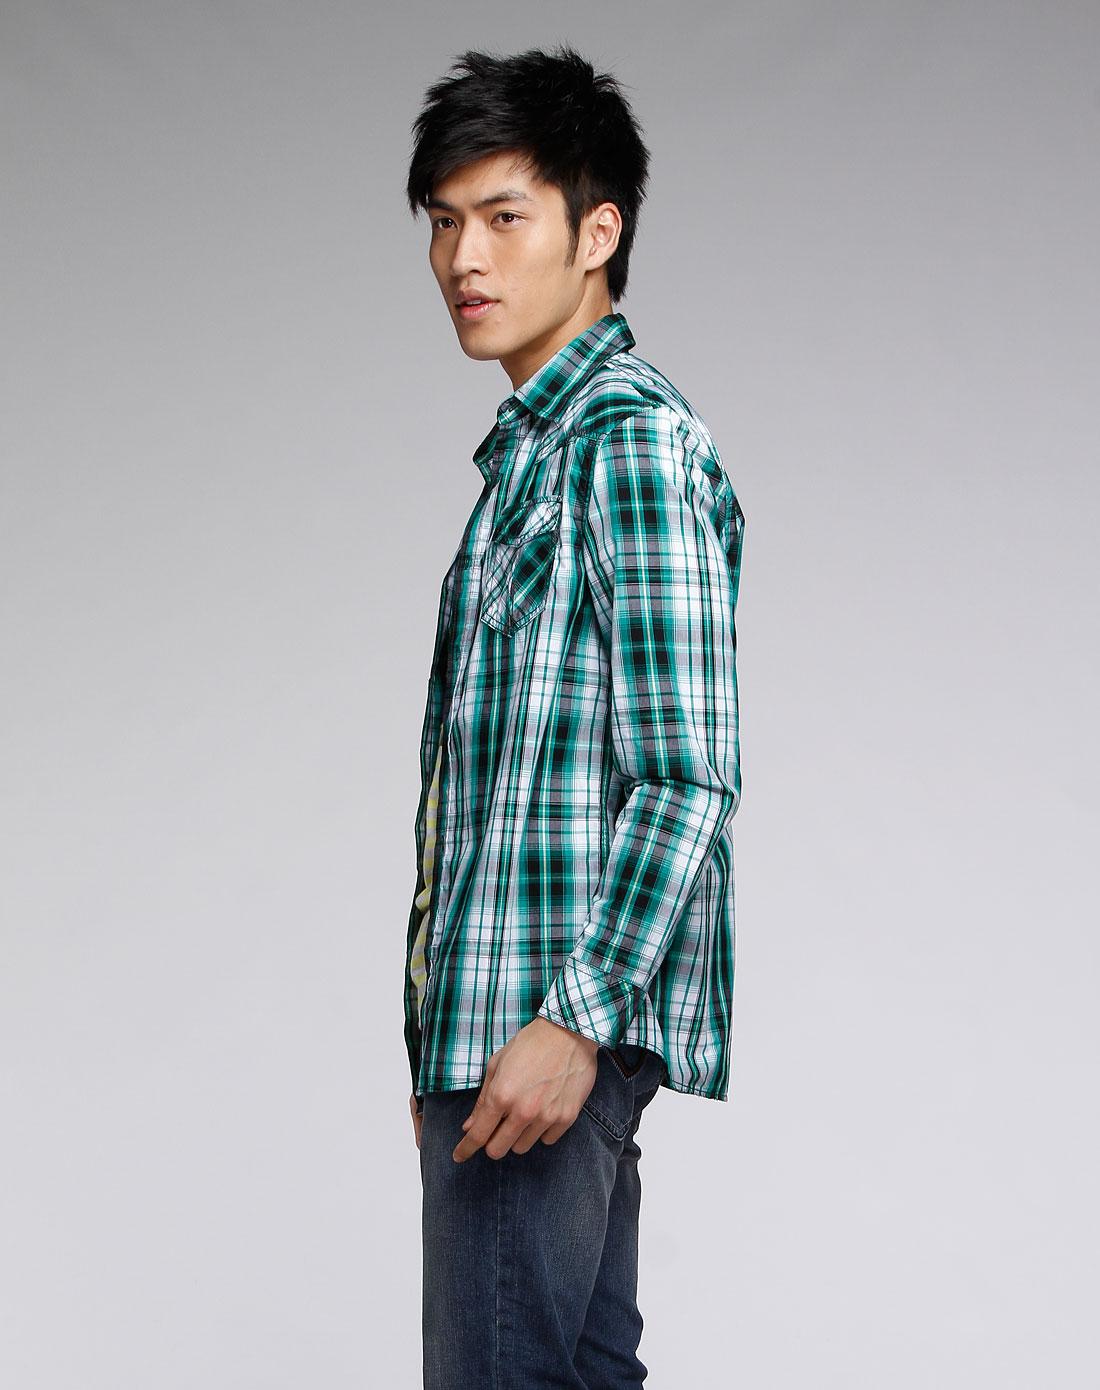 森马男装专场-绿/白色格子休闲长袖衬衫图片